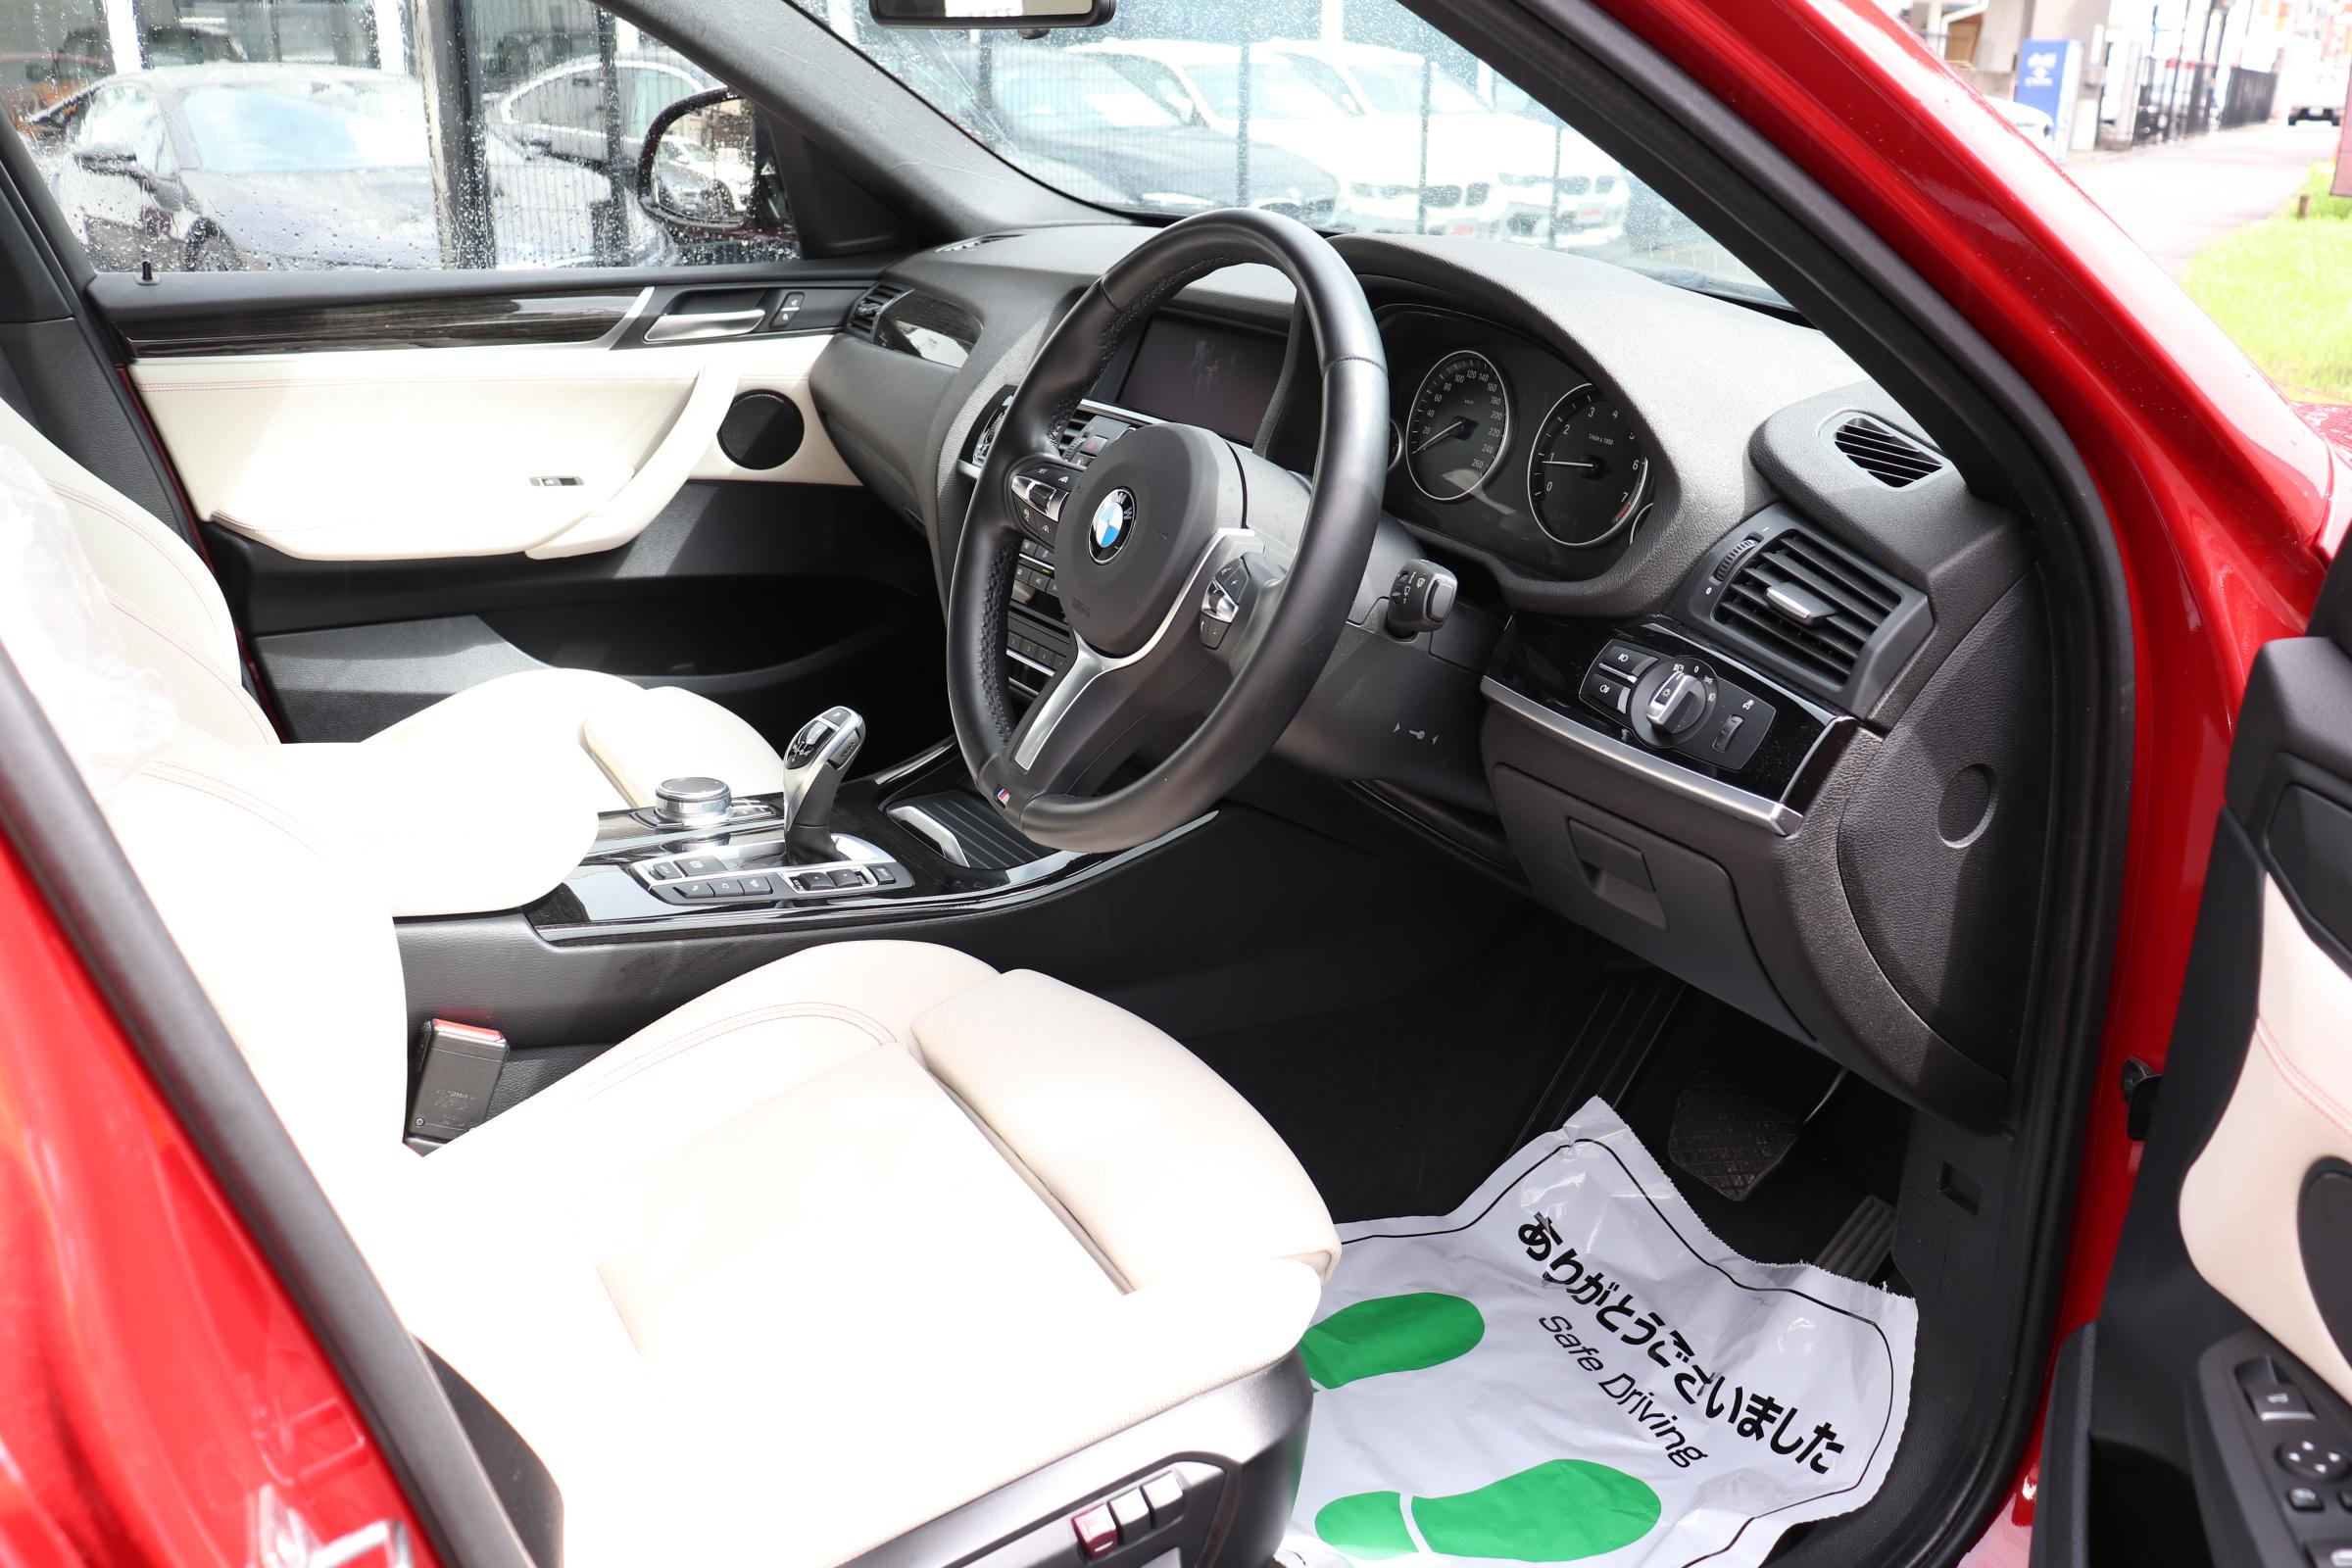 X4 xDrive 28i Mスポーツ 4WD 20インチACCレーンチェンジW LEDヘッド Mスポステア車両画像11